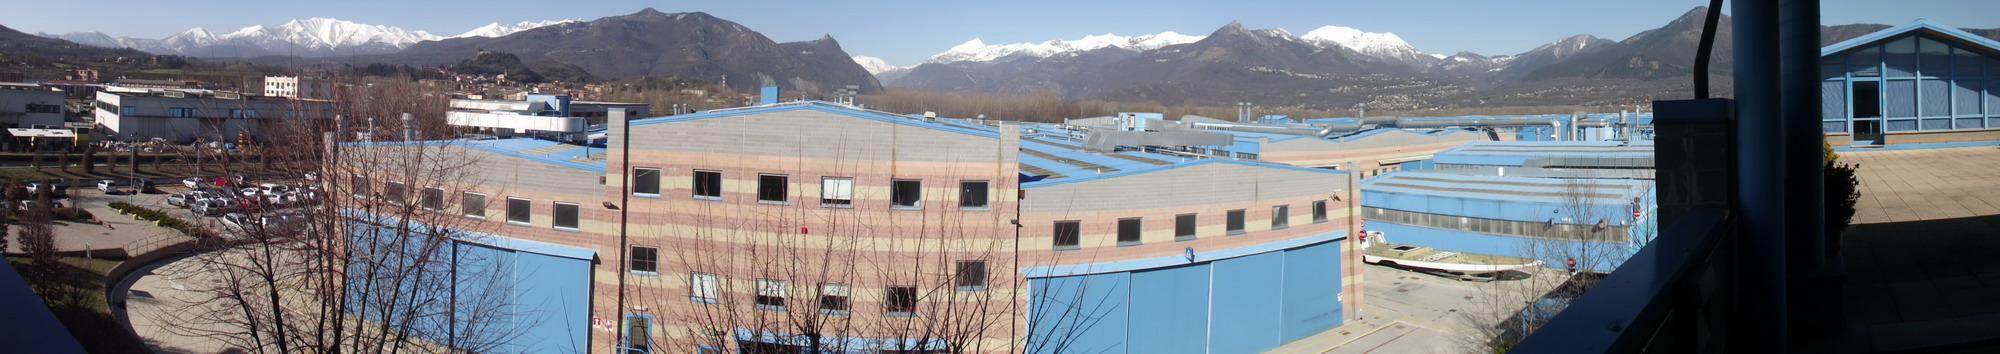 Azimut di Avigliana, raggiunto l'accordo sugli esuberi. Mobilità volontaria per 60